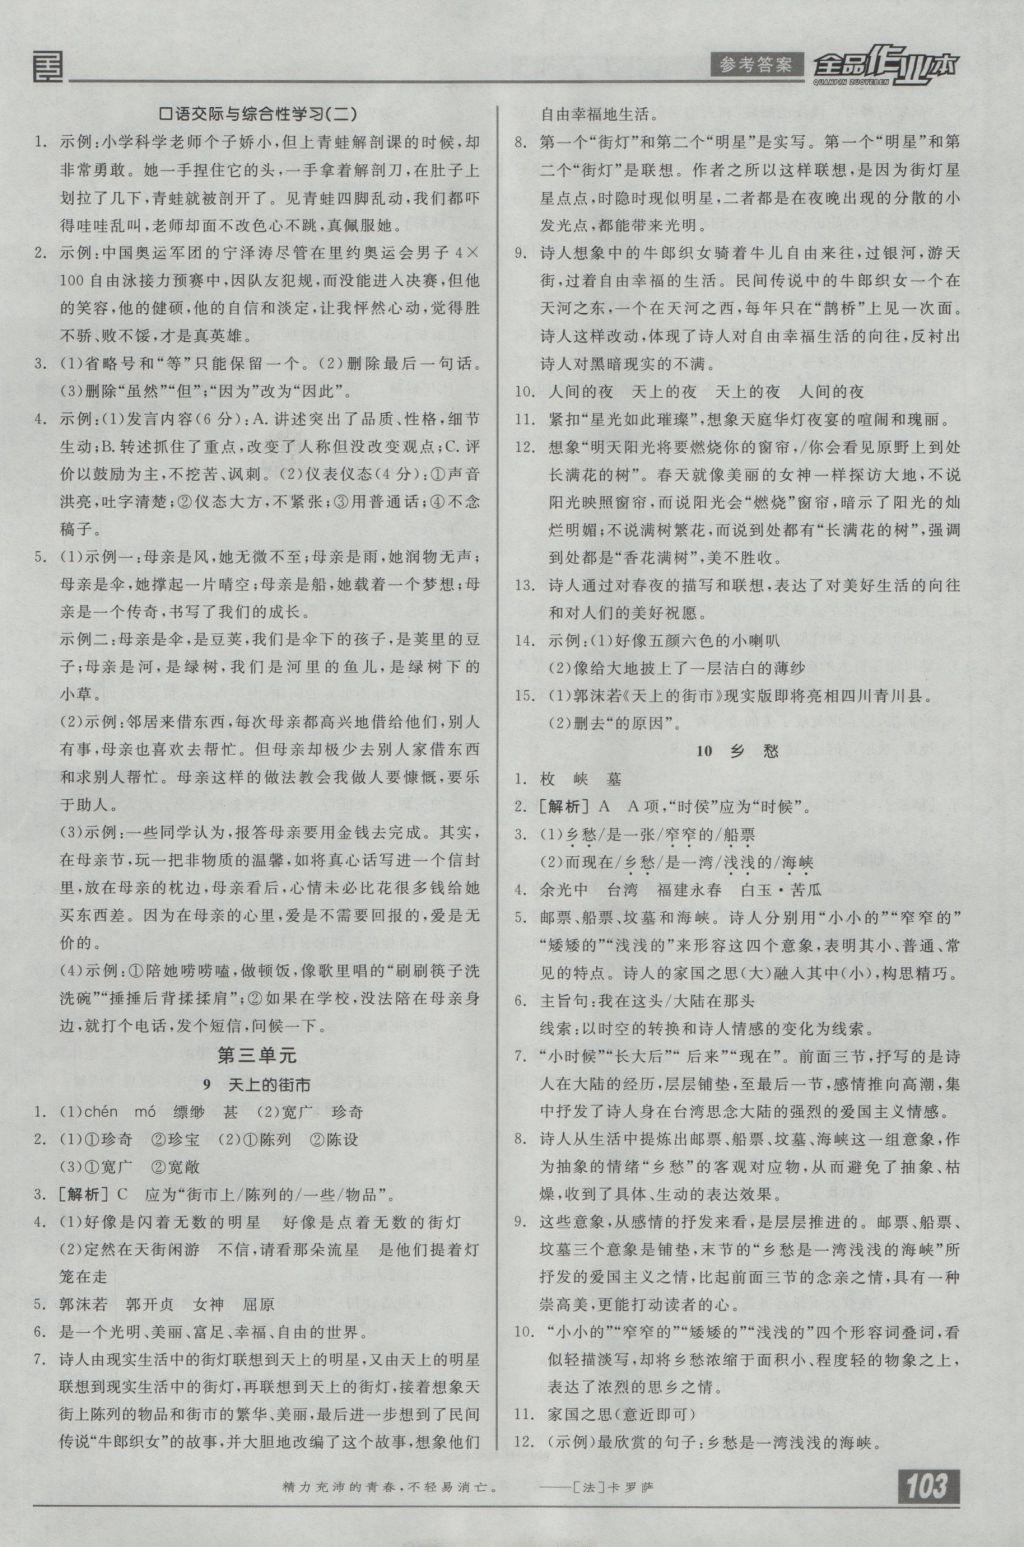 2016年全品作业本七年级语文上册语文版参考答案第5页